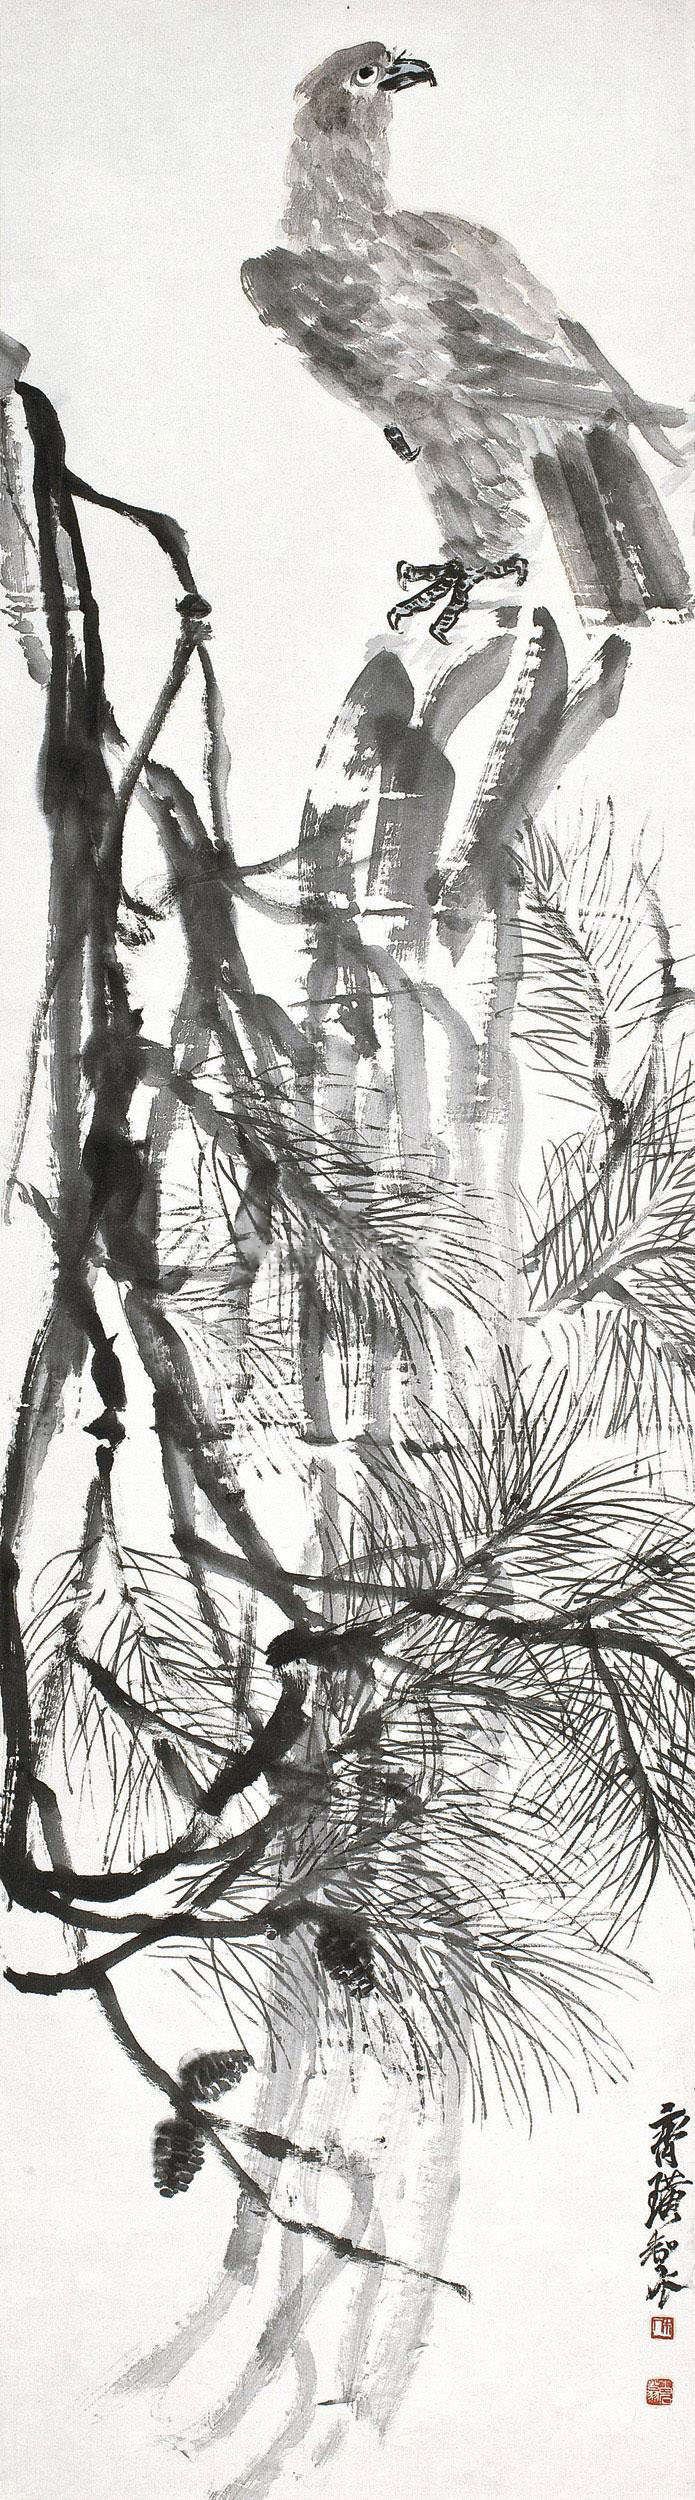 齐白石 松鹰 立轴 设色纸本作品欣赏